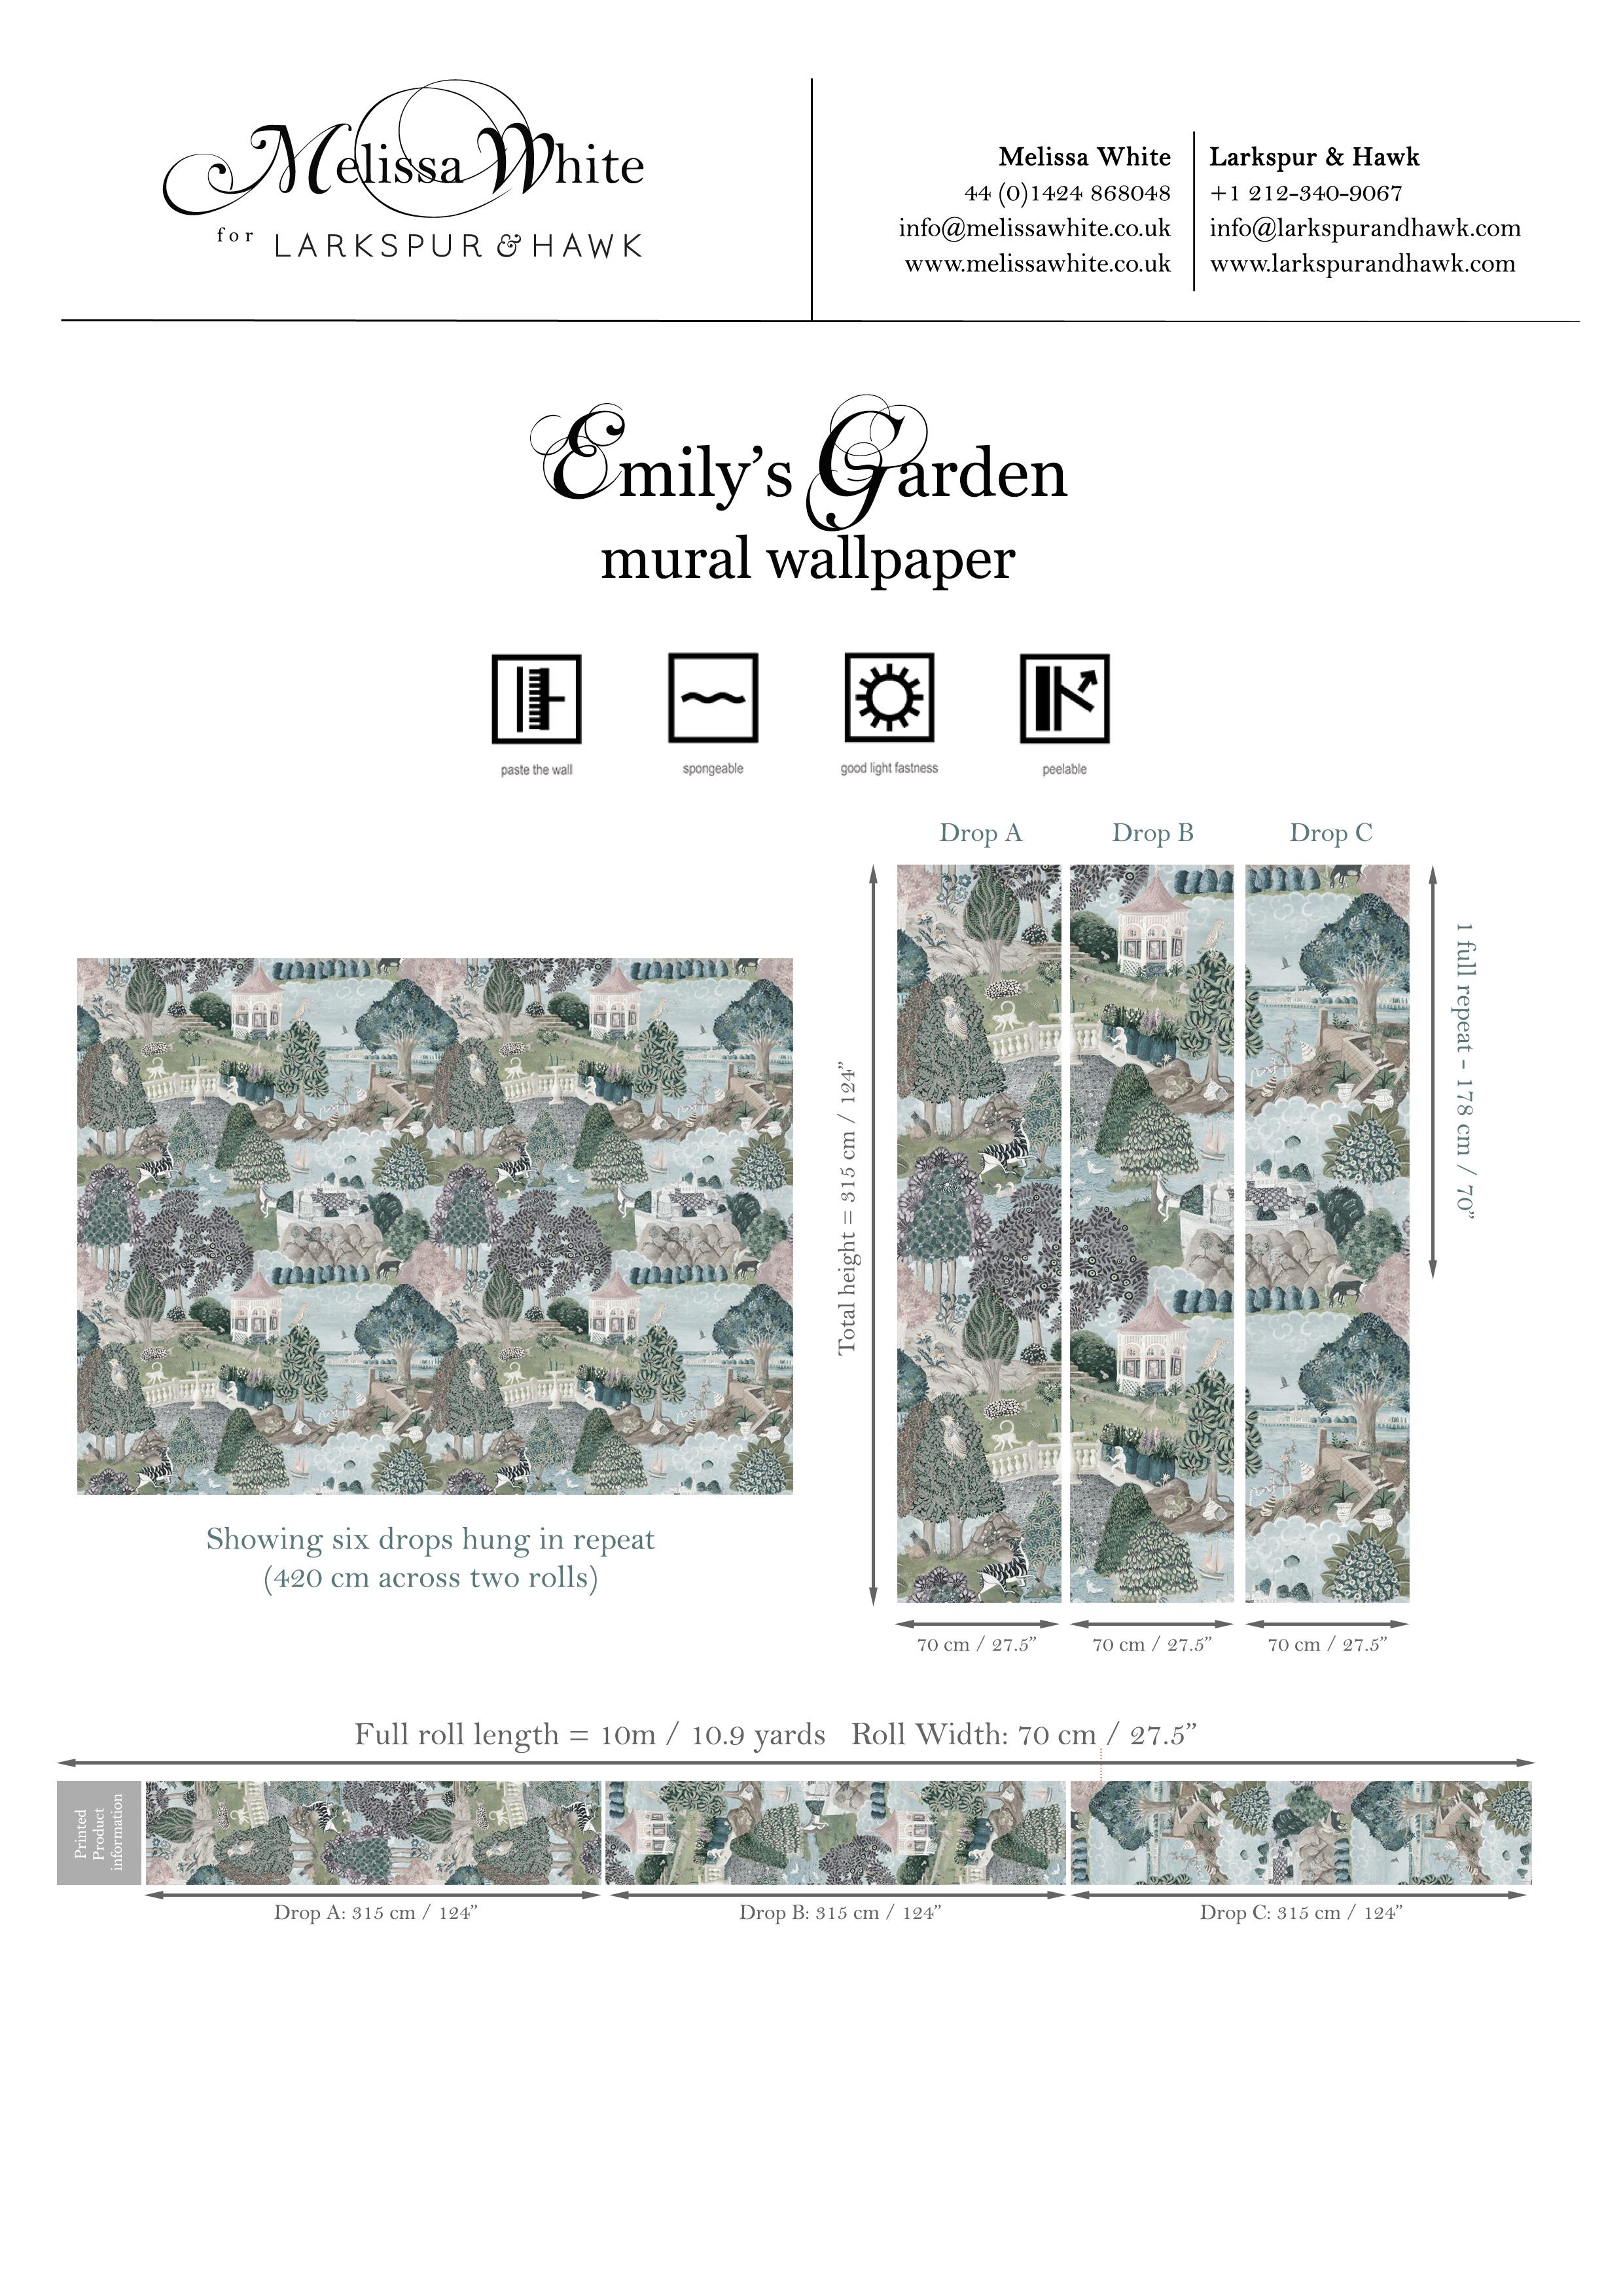 Emily's Garden match instructions.jpg